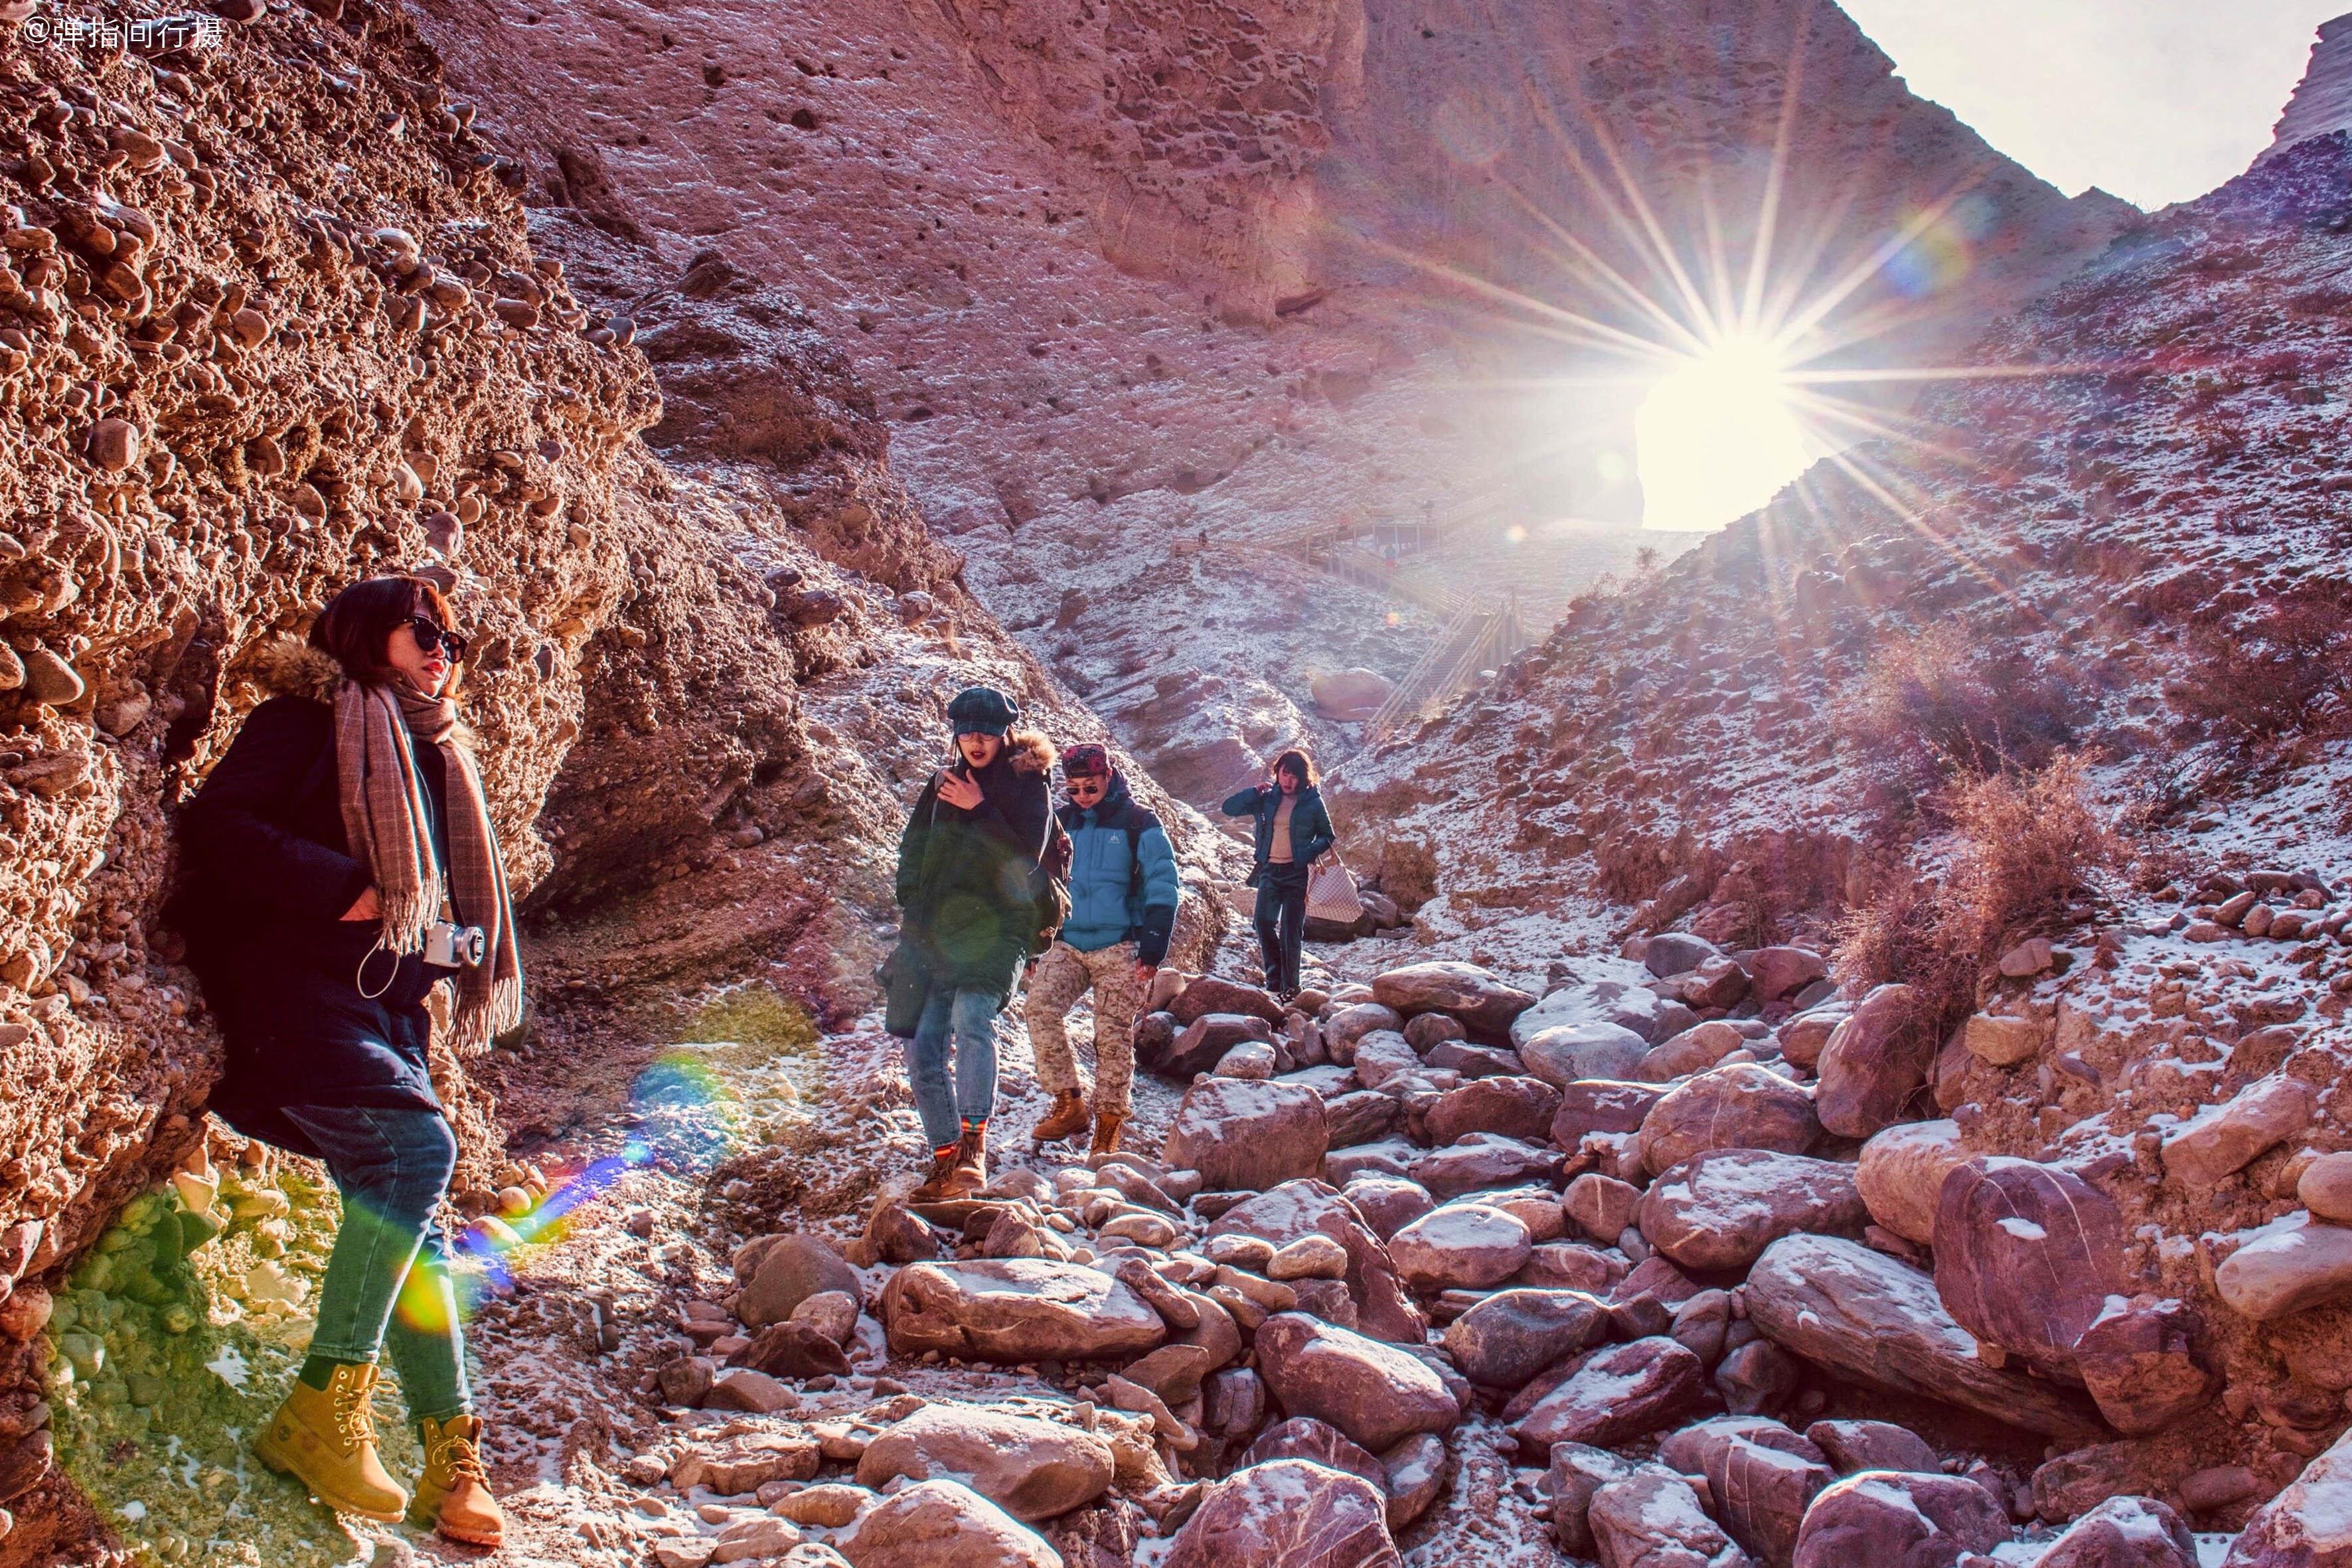 新疆最低调的旅游目的地,却藏有无数壮美风光,游客都说相见恨晚